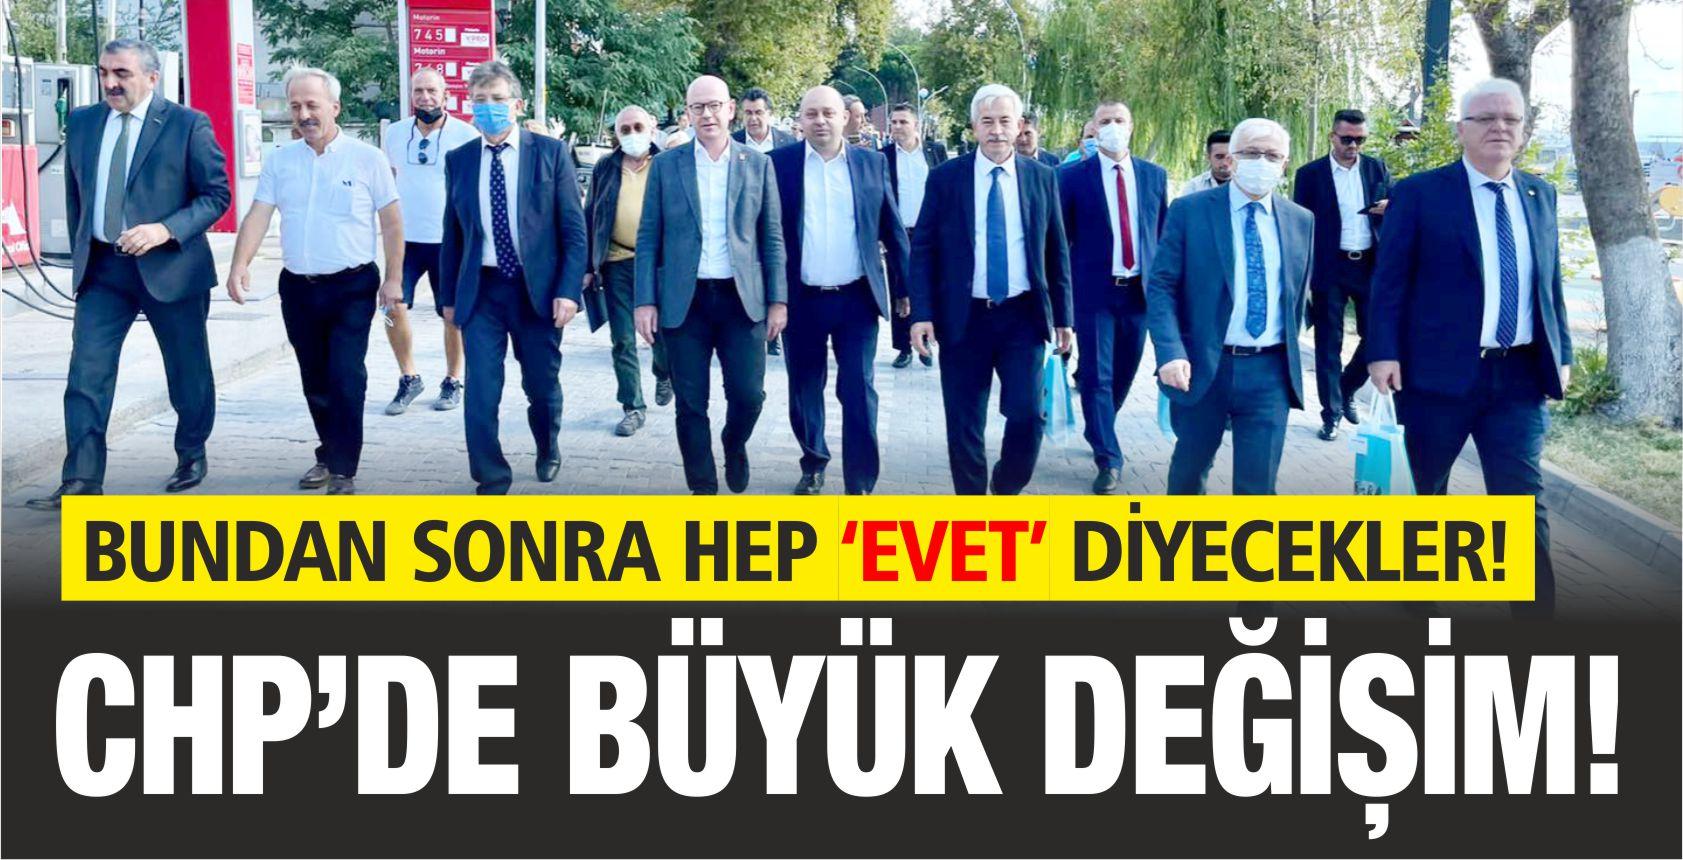 CHP'DE BÜYÜK DEĞİŞİM!